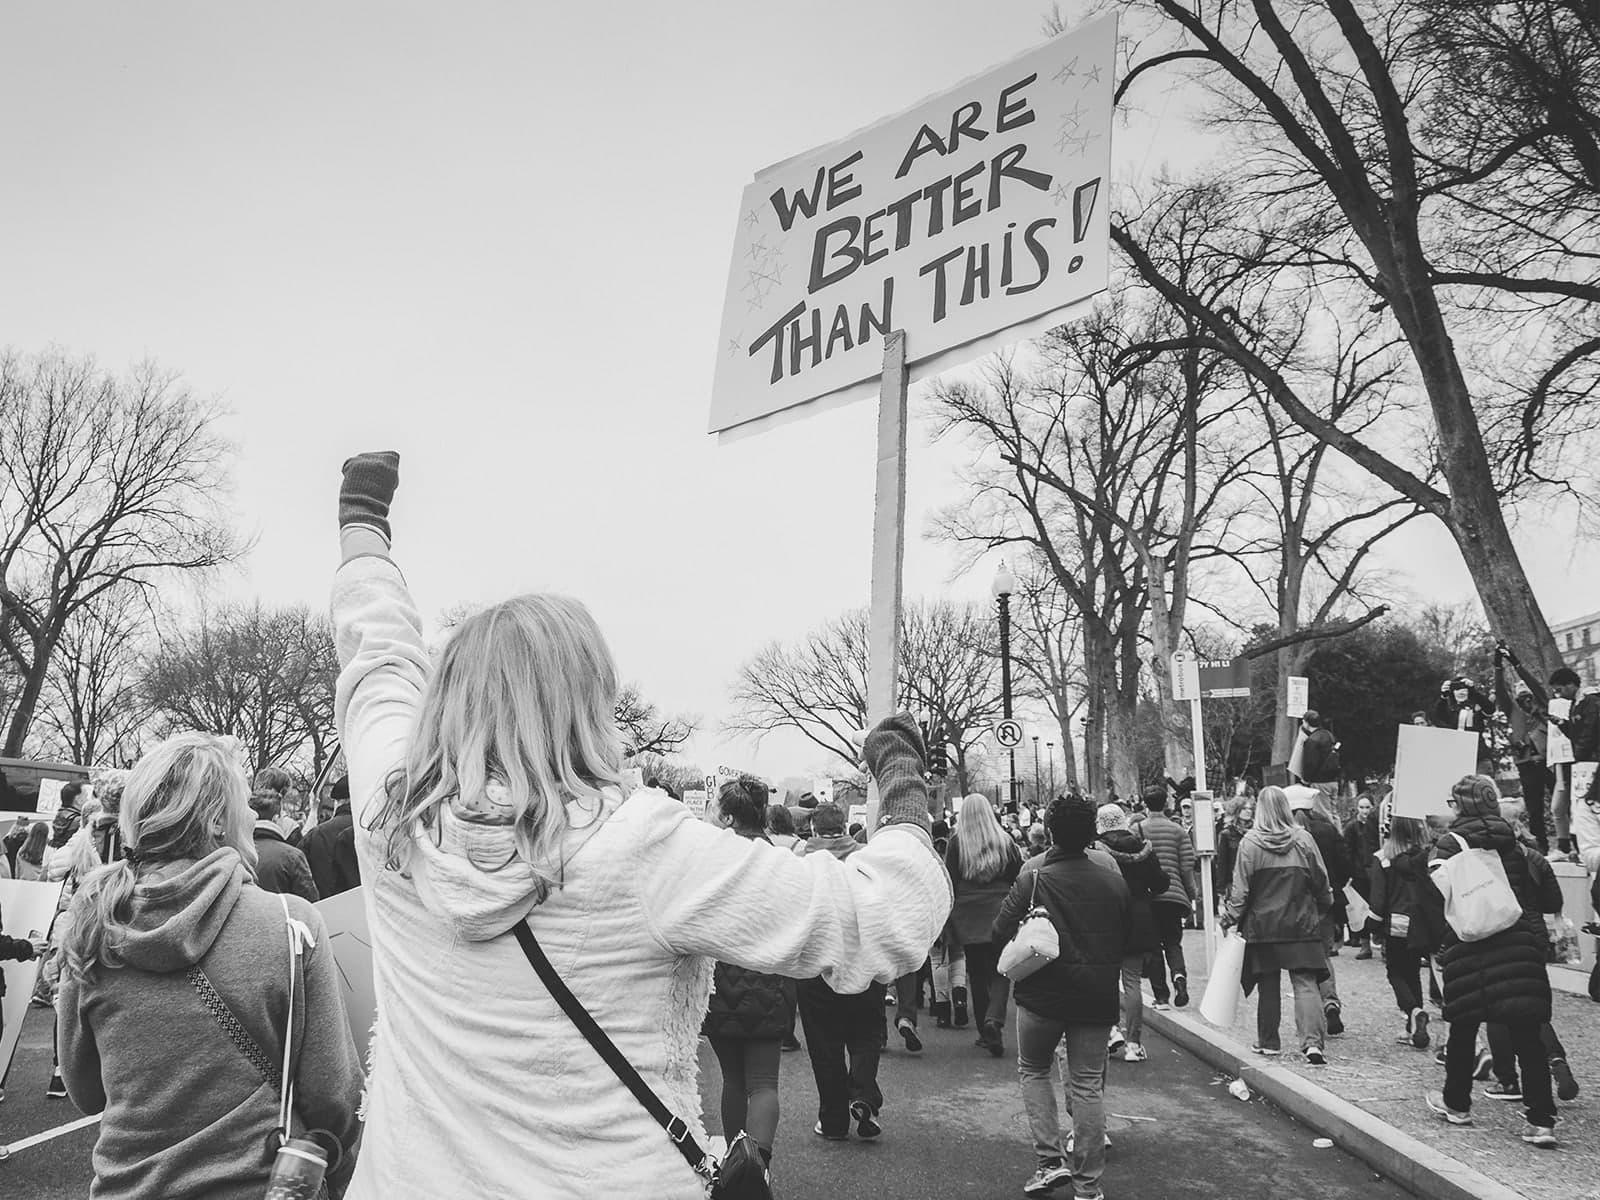 كيف تتقبل المجتمعات التغيير